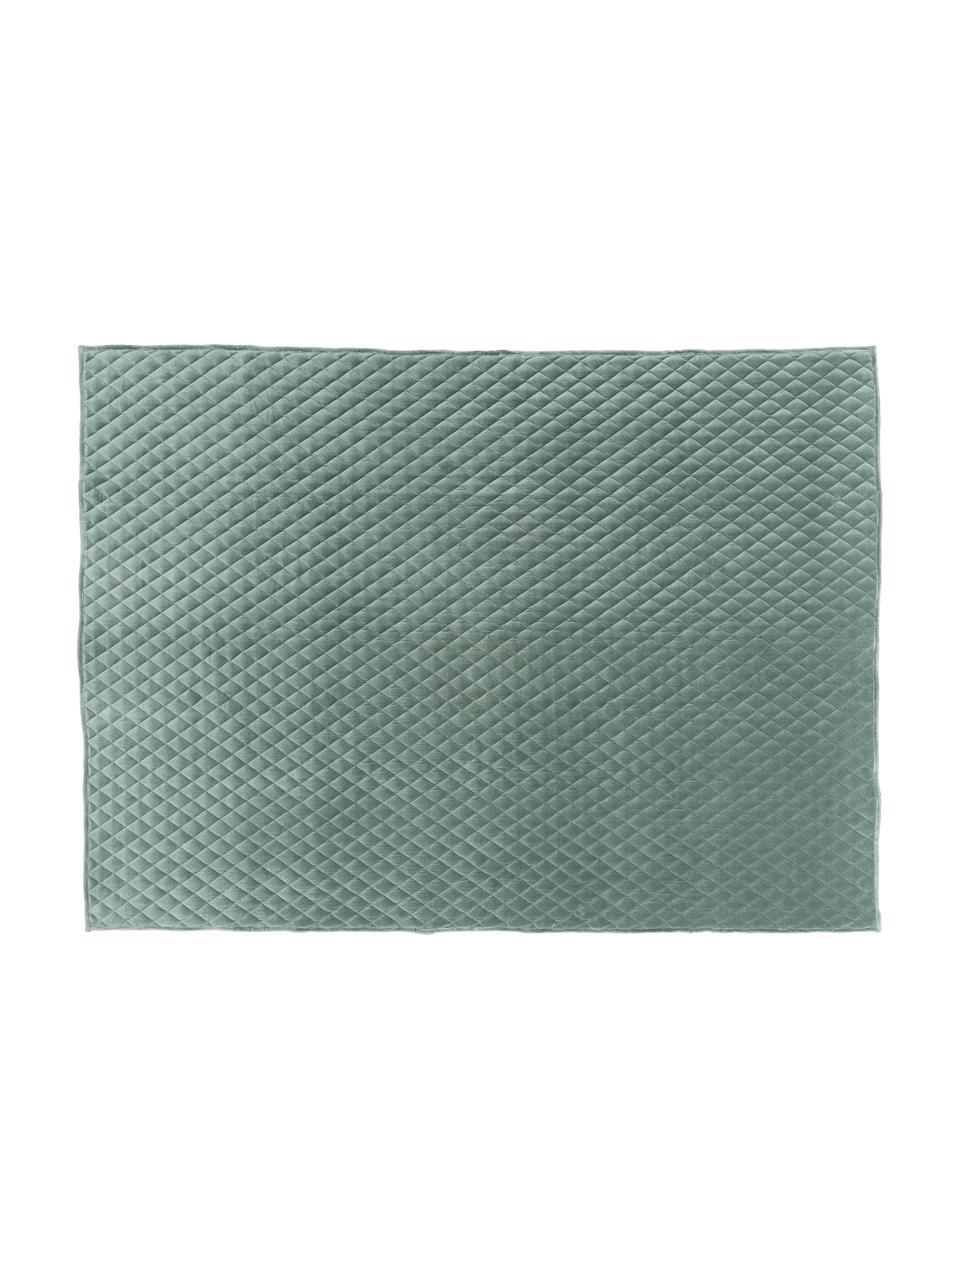 Wattierte Samt-Tagesdecke Cosima, Vorderseite: Baumwollsamt, Rückseite: Baumwolle, Salbeigrün, B 160 x L 220 cm (für Betten bis 140 x 200)